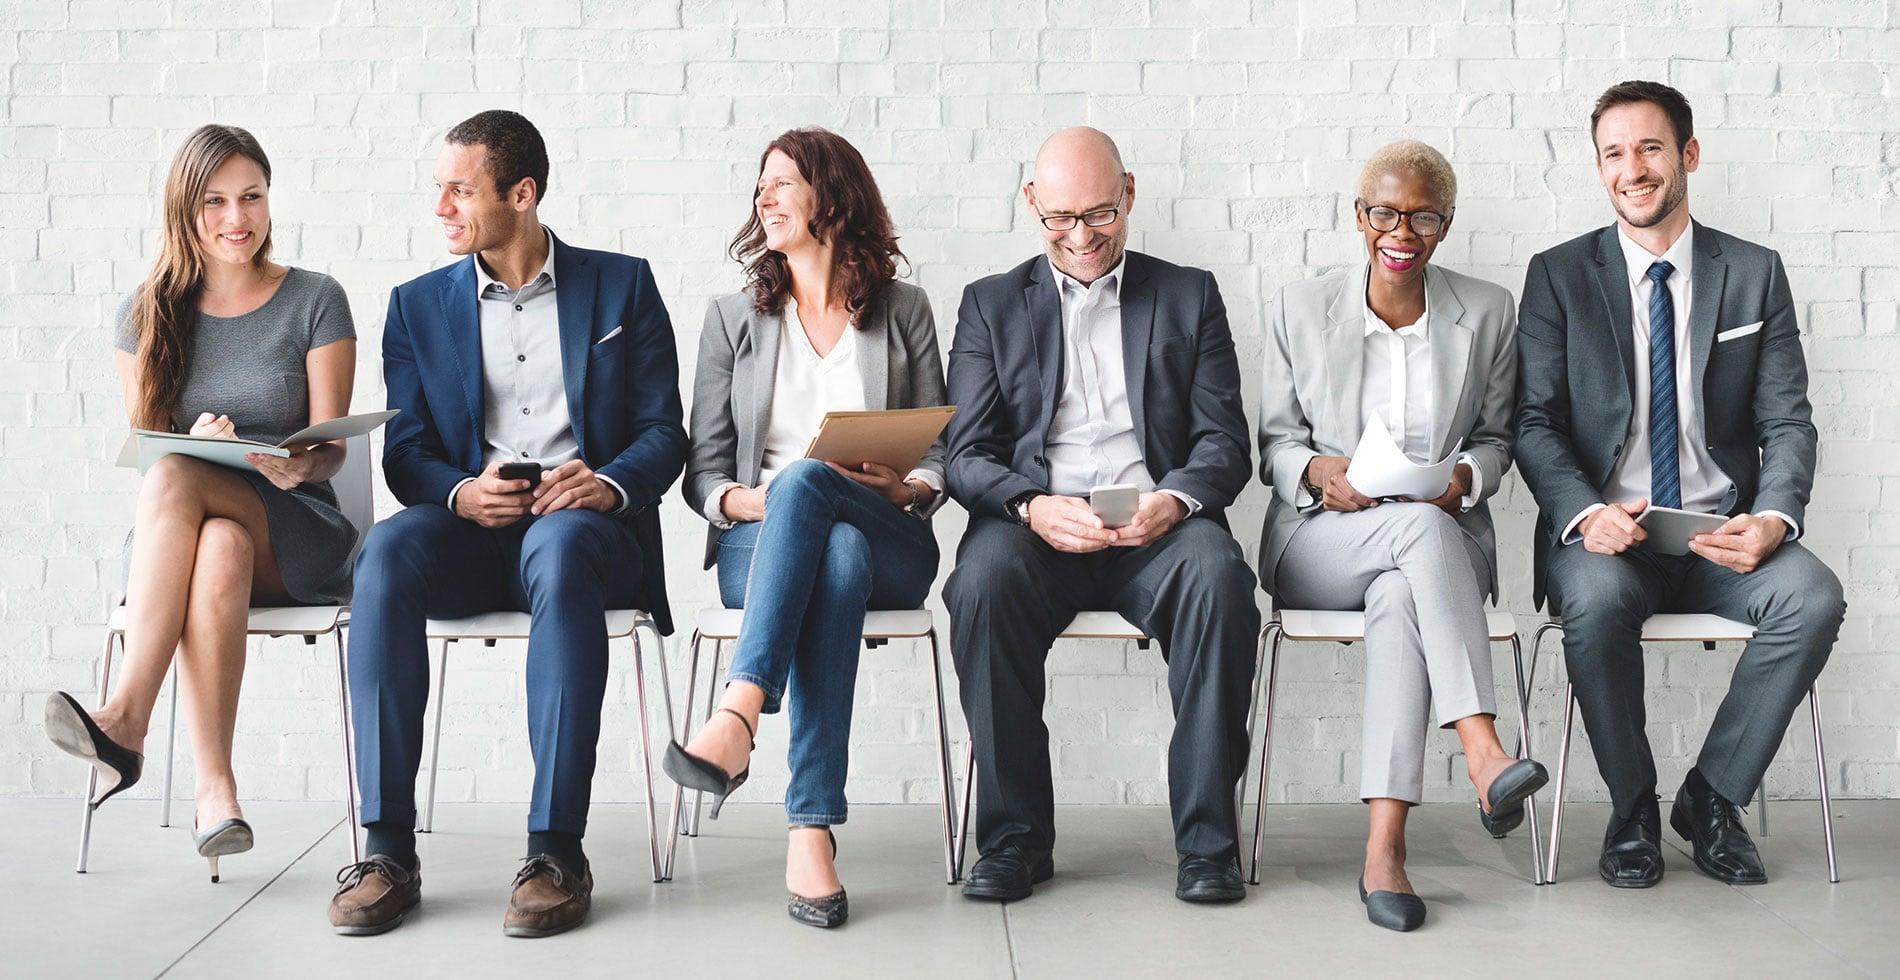 ¿Por qué implementar la diversidad en la empresa?